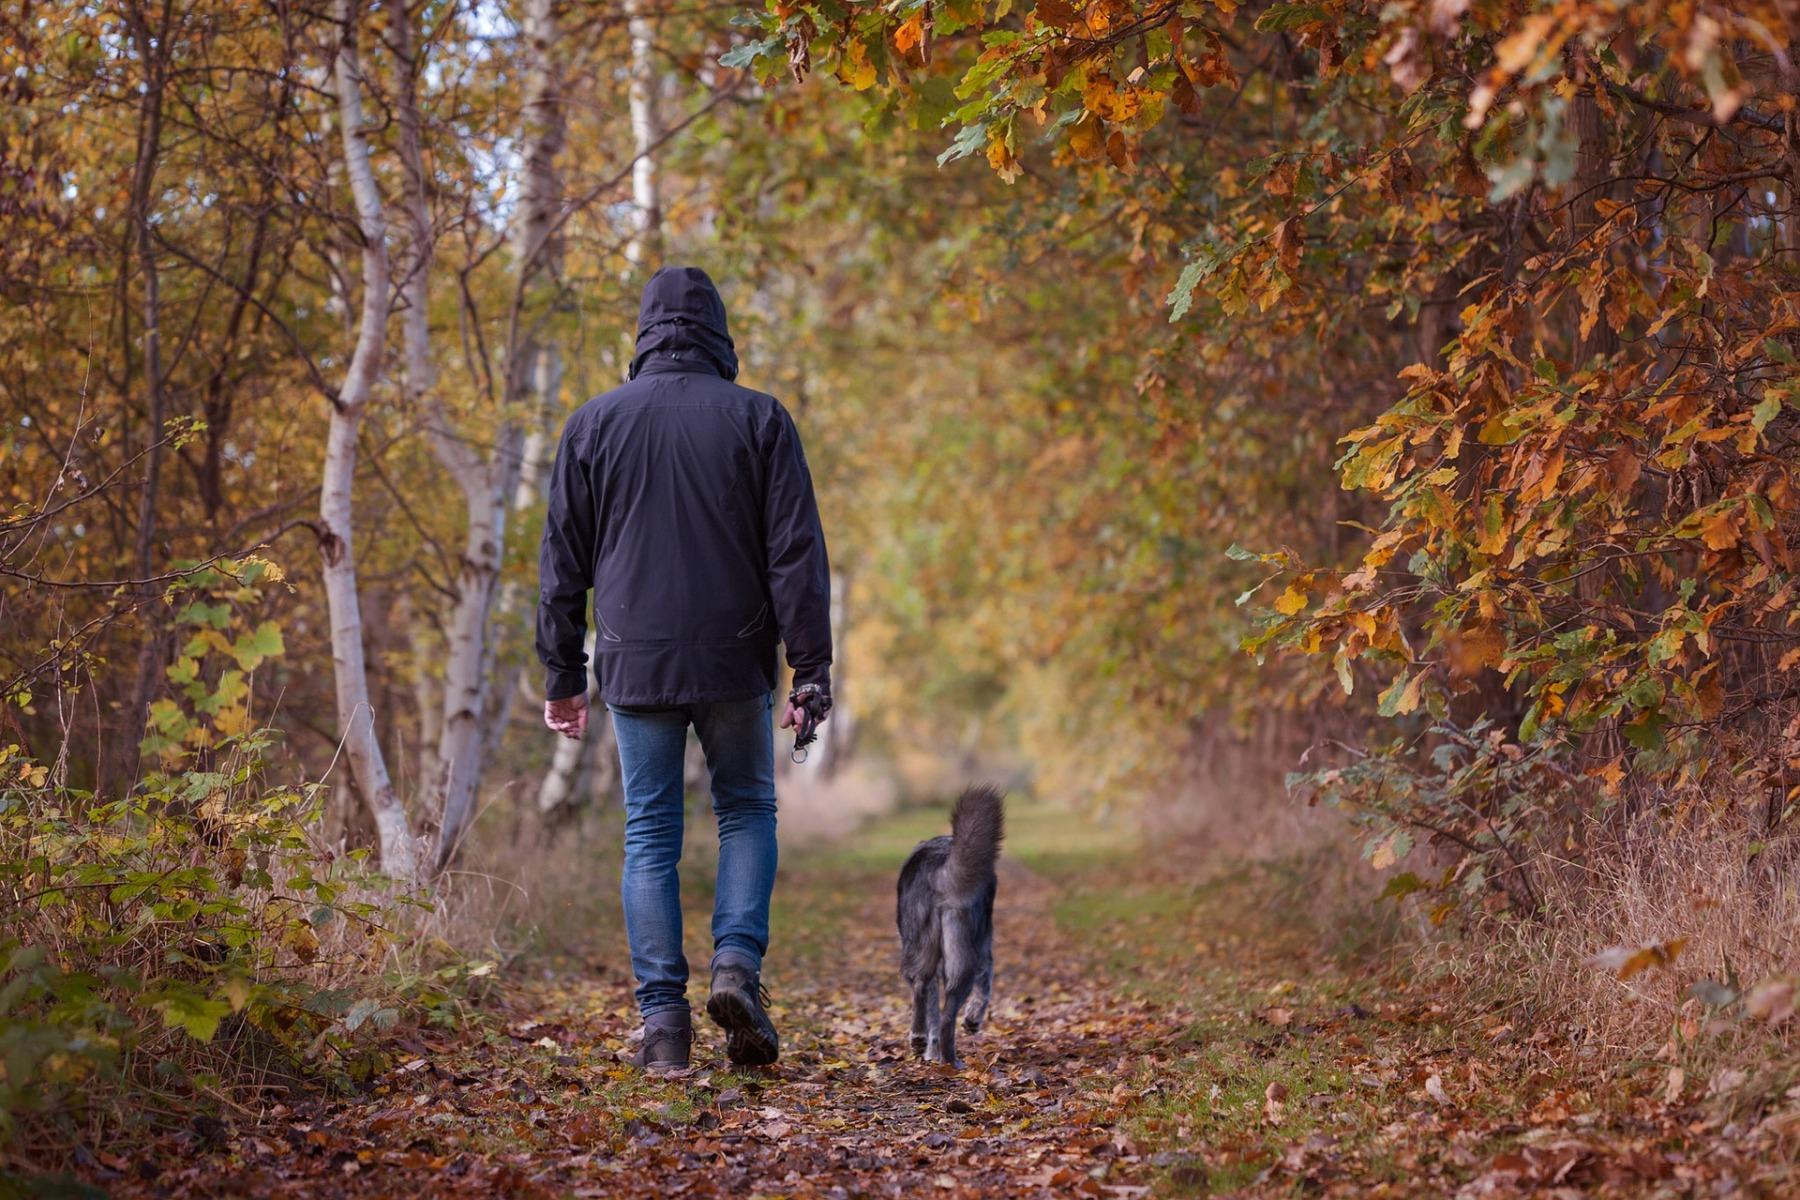 autumn-walk-1792812_1920